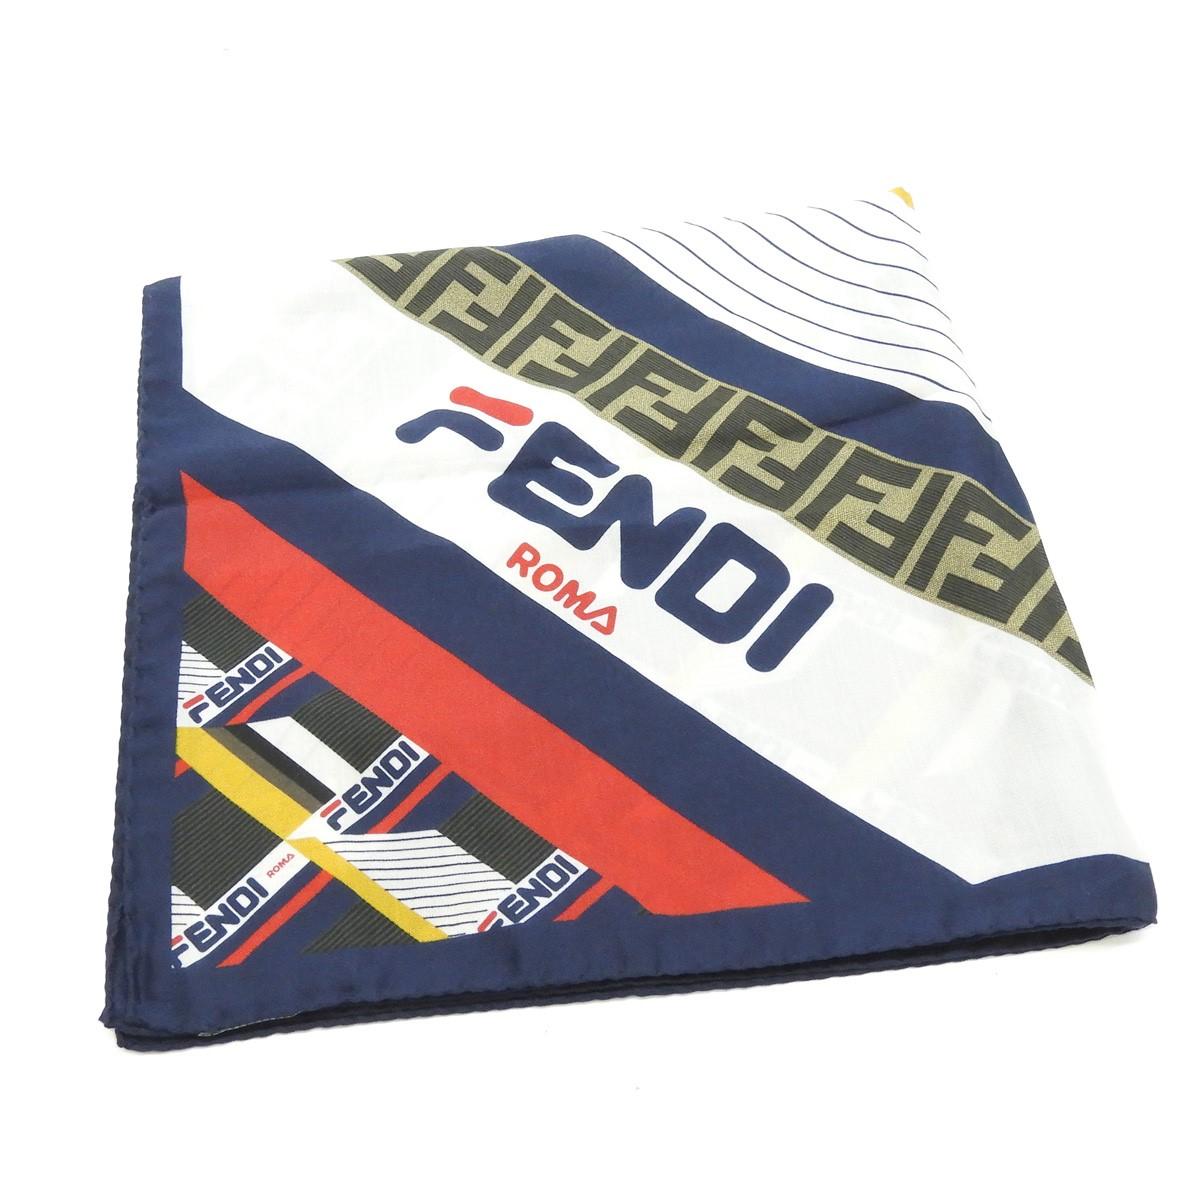 【中古】FENDI×FILA スカーフ ネイビー×レッド 【190820】(フェンディ フィラ)